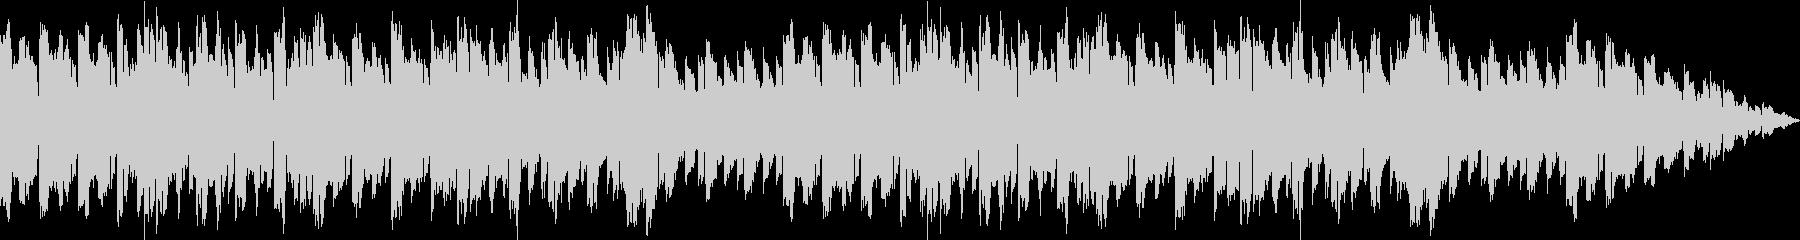 懐かしい雰囲気のシューティング系BGMの未再生の波形